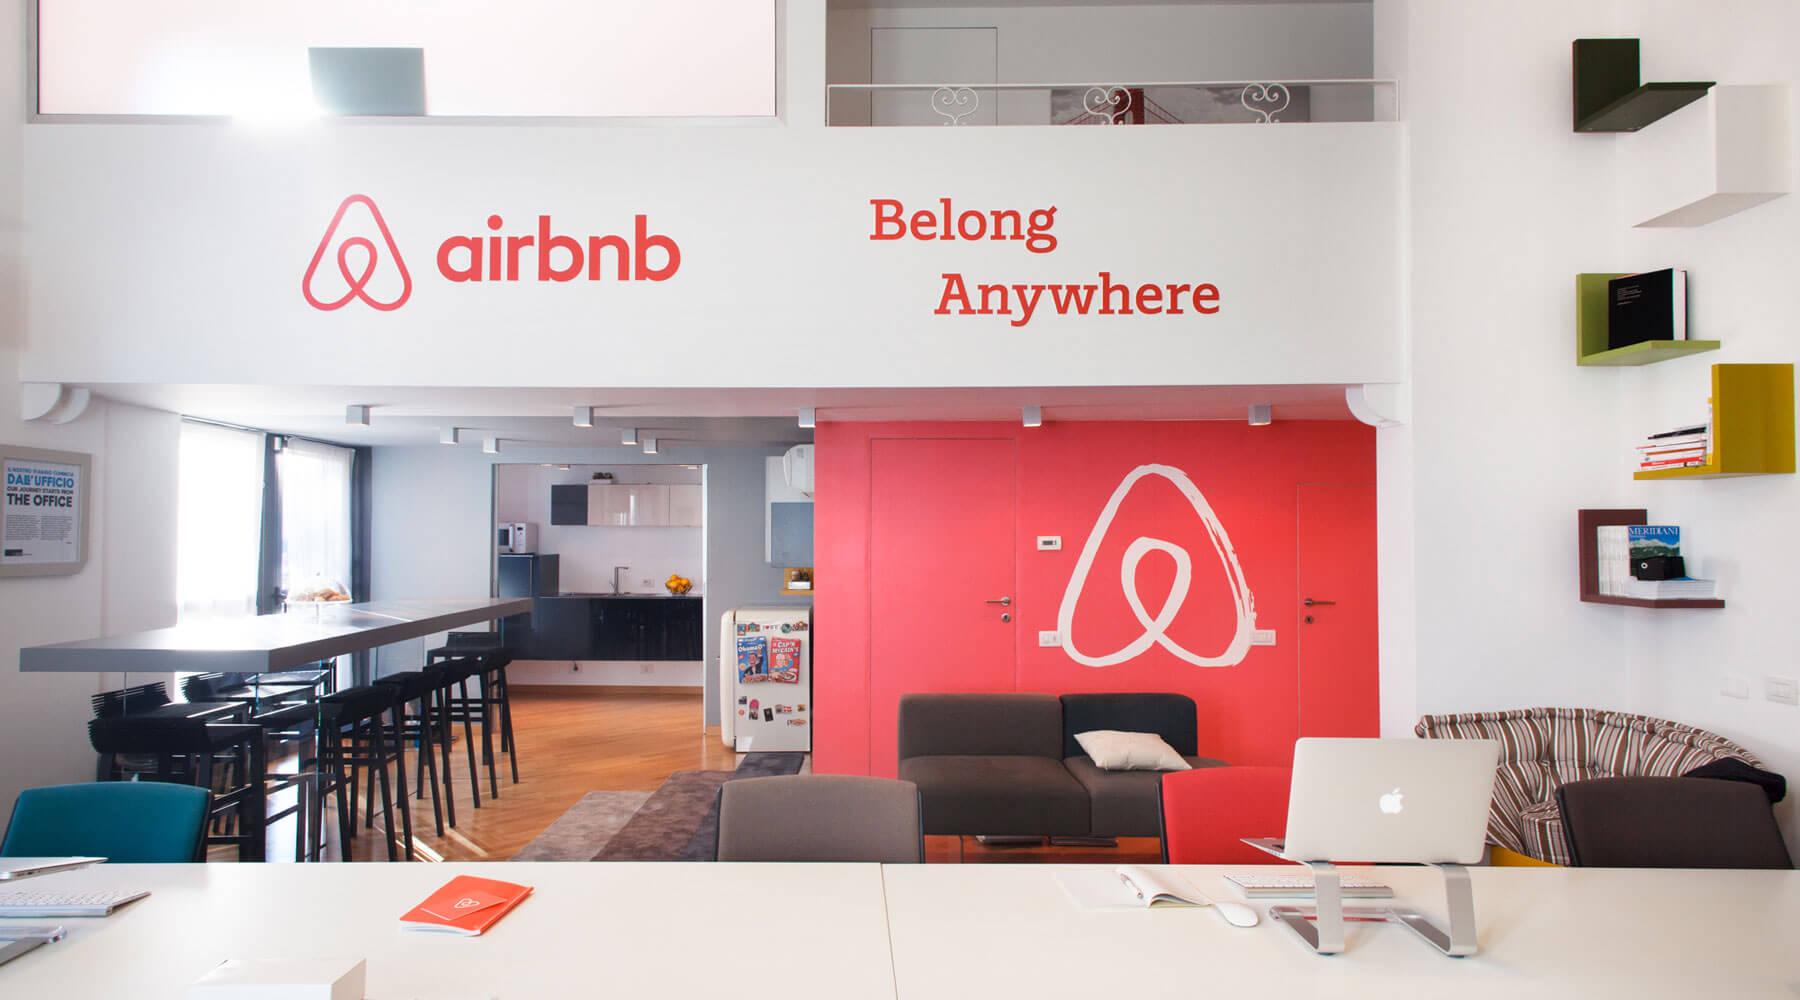 nhan tien tren airbnb7 - Hướng dẫn nhận tiền trên Airbnb - kinh nghiệm cho thuê phòng trên Airbnb